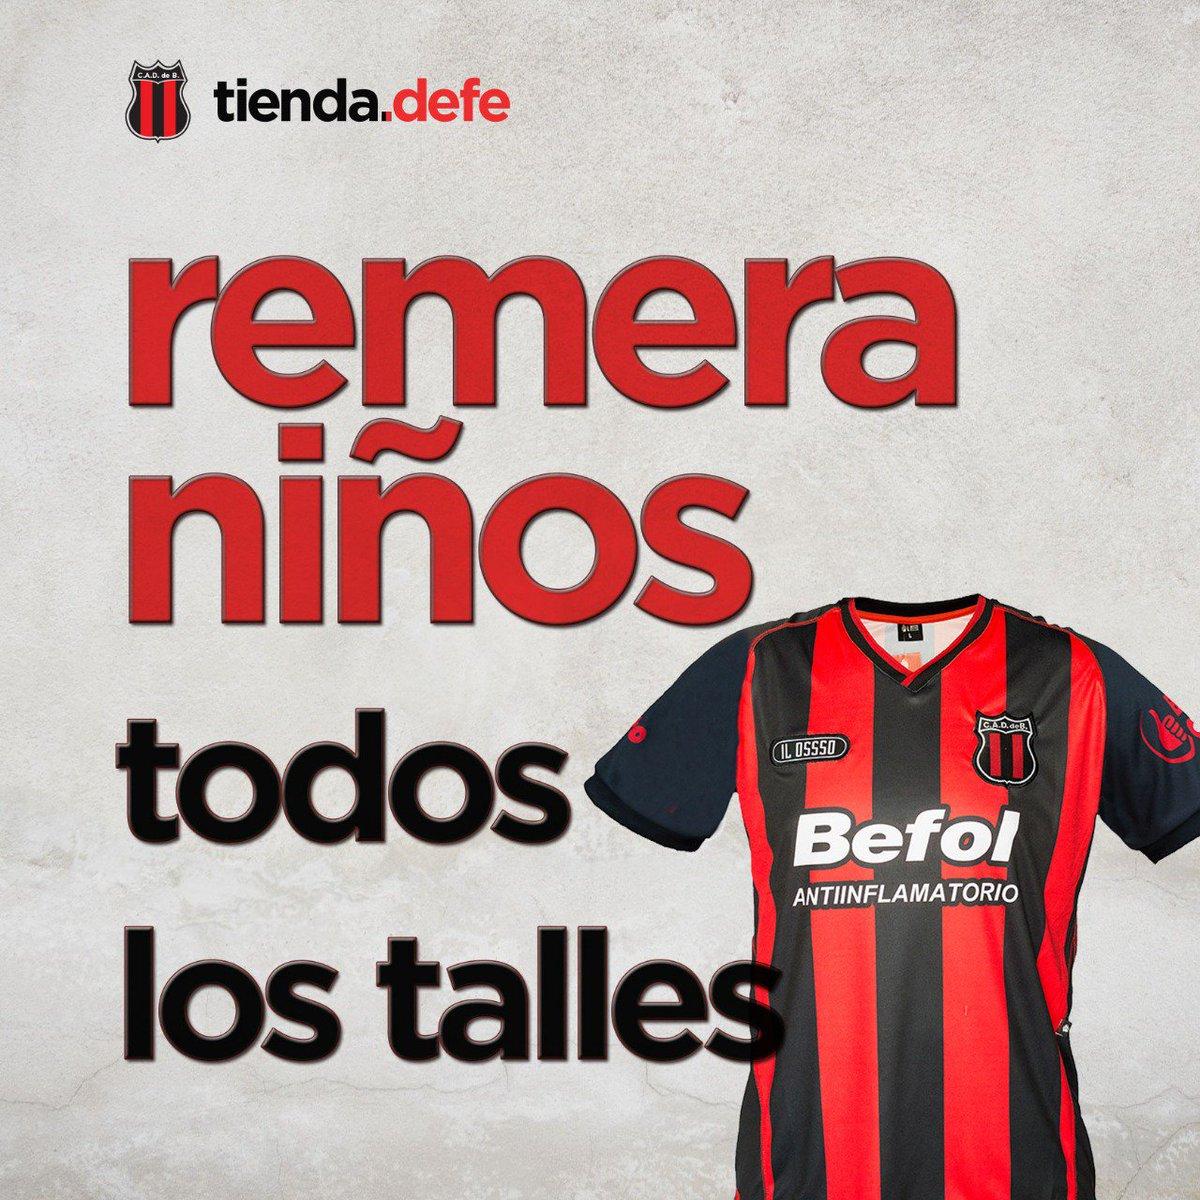 Defensores de Belgrano on Twitter